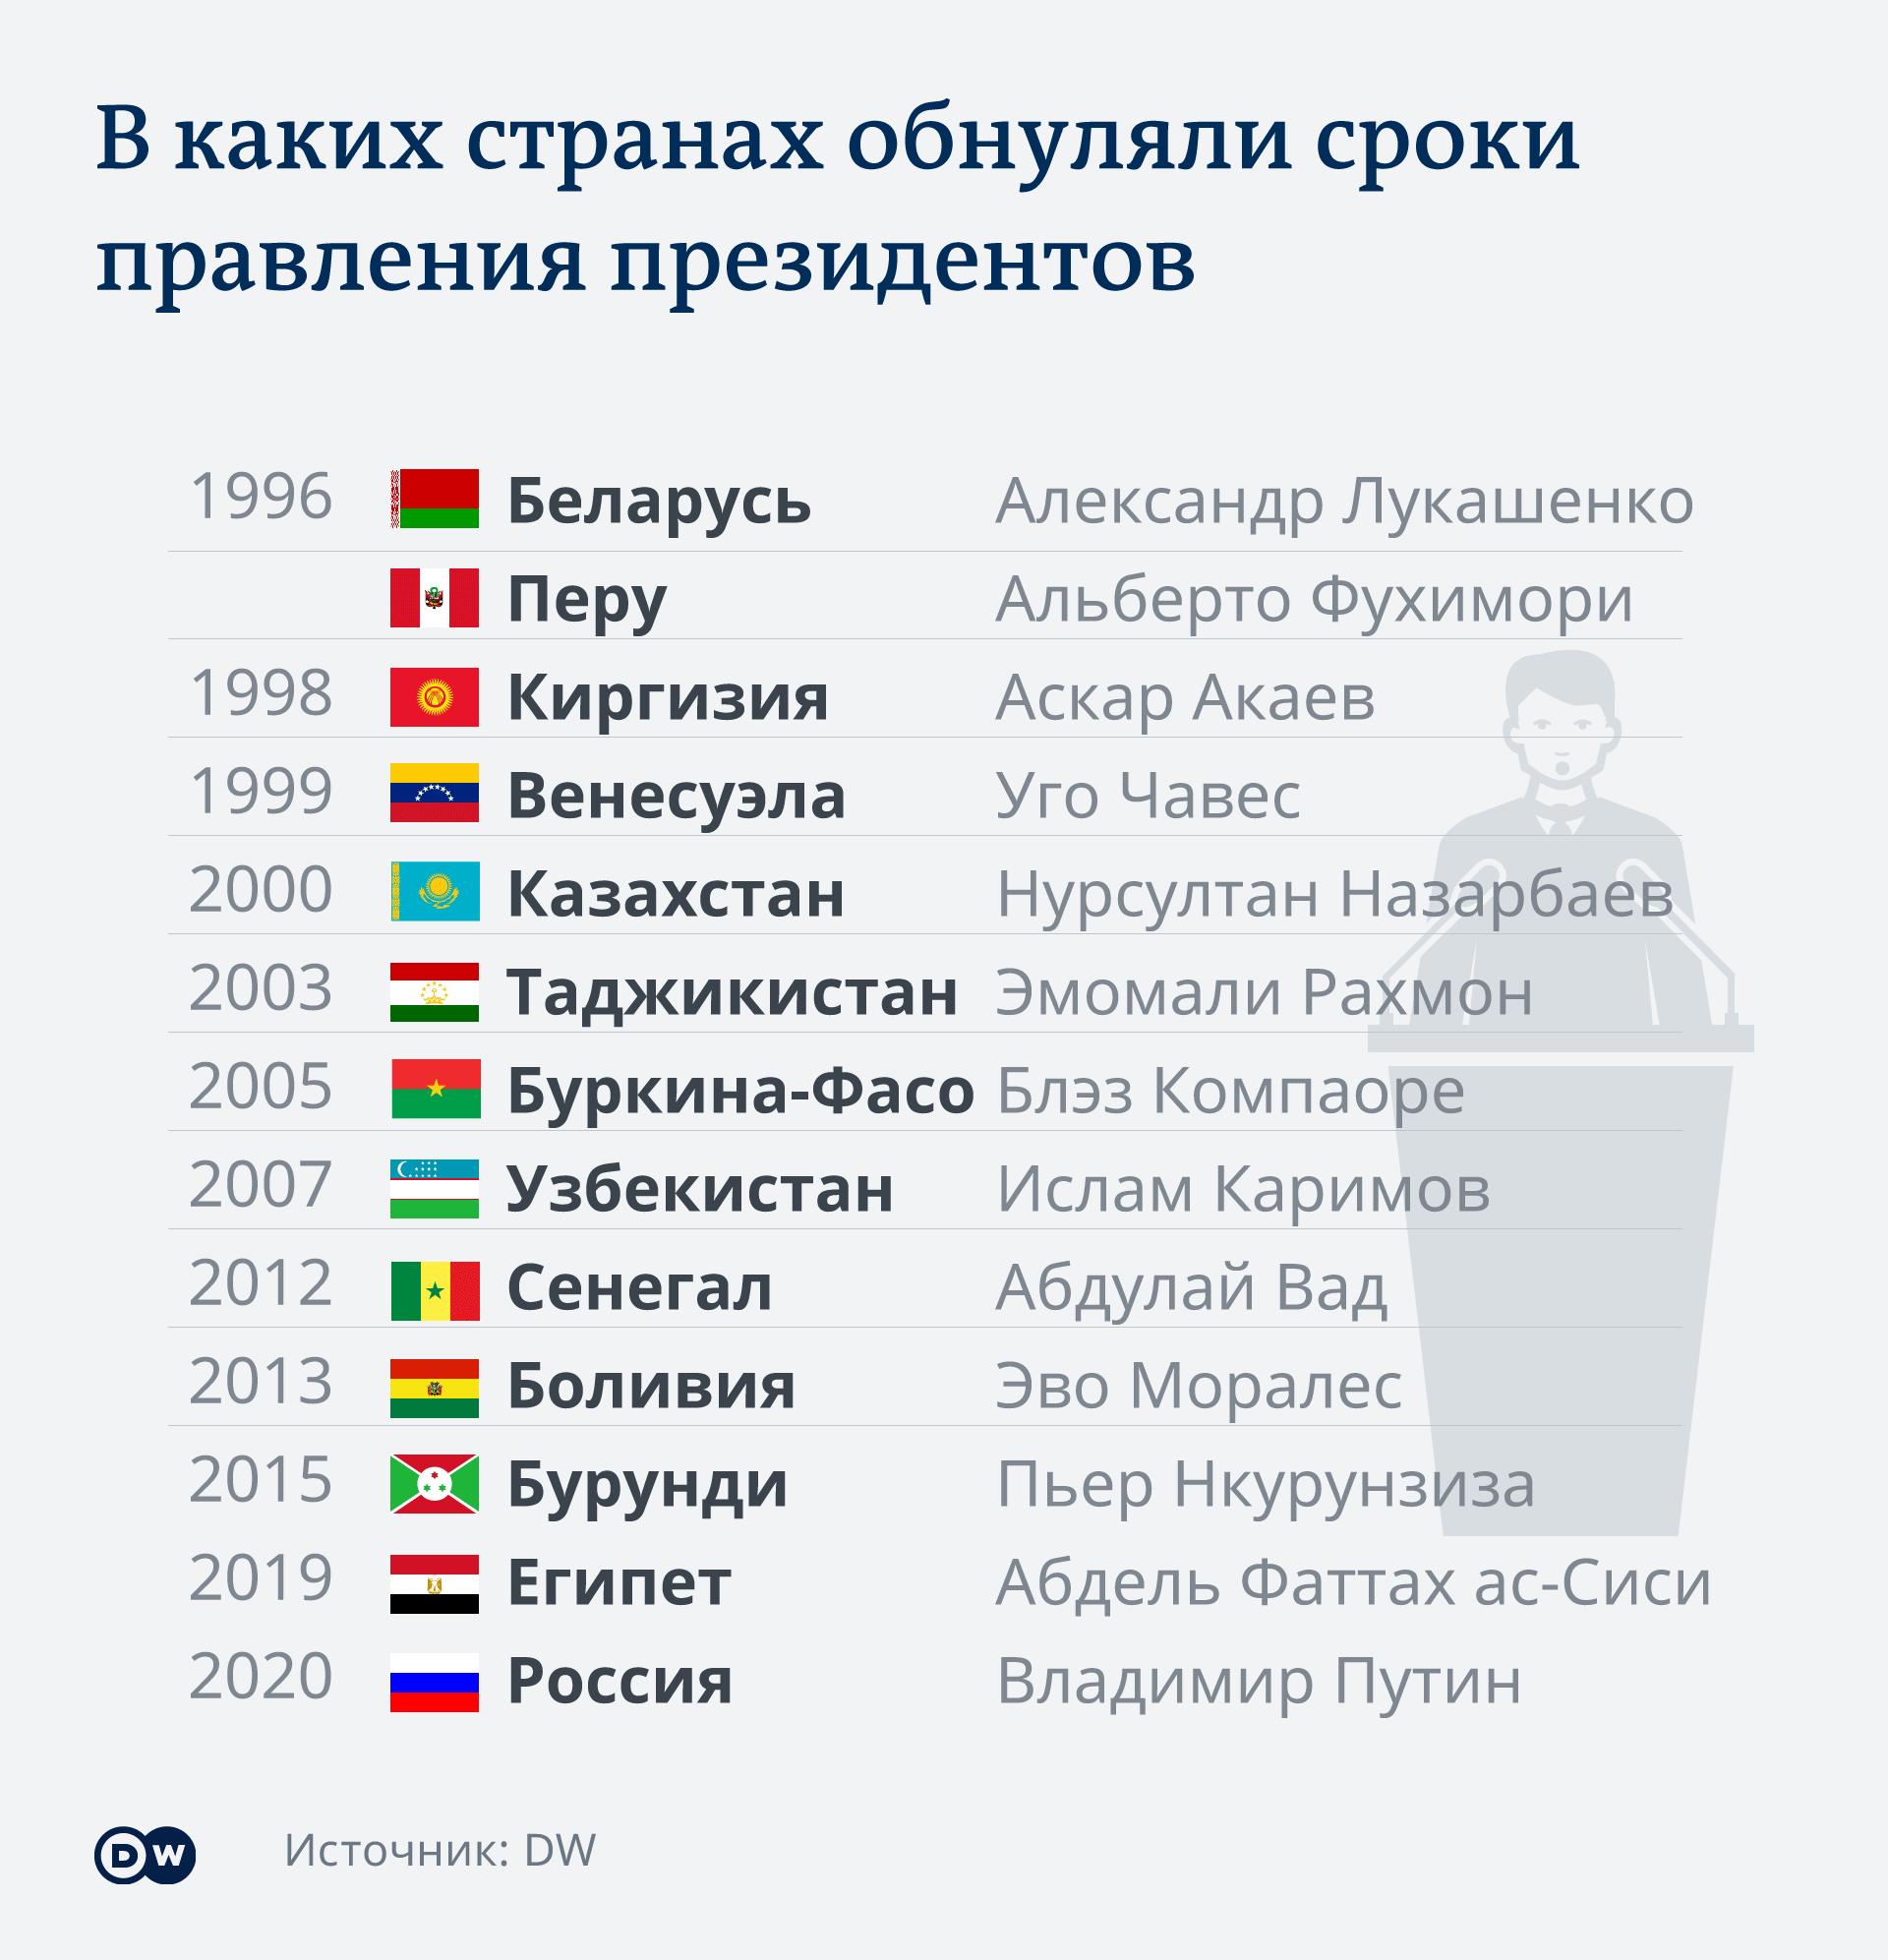 Инфографика В каких странах обнуляли сроки правления президентов